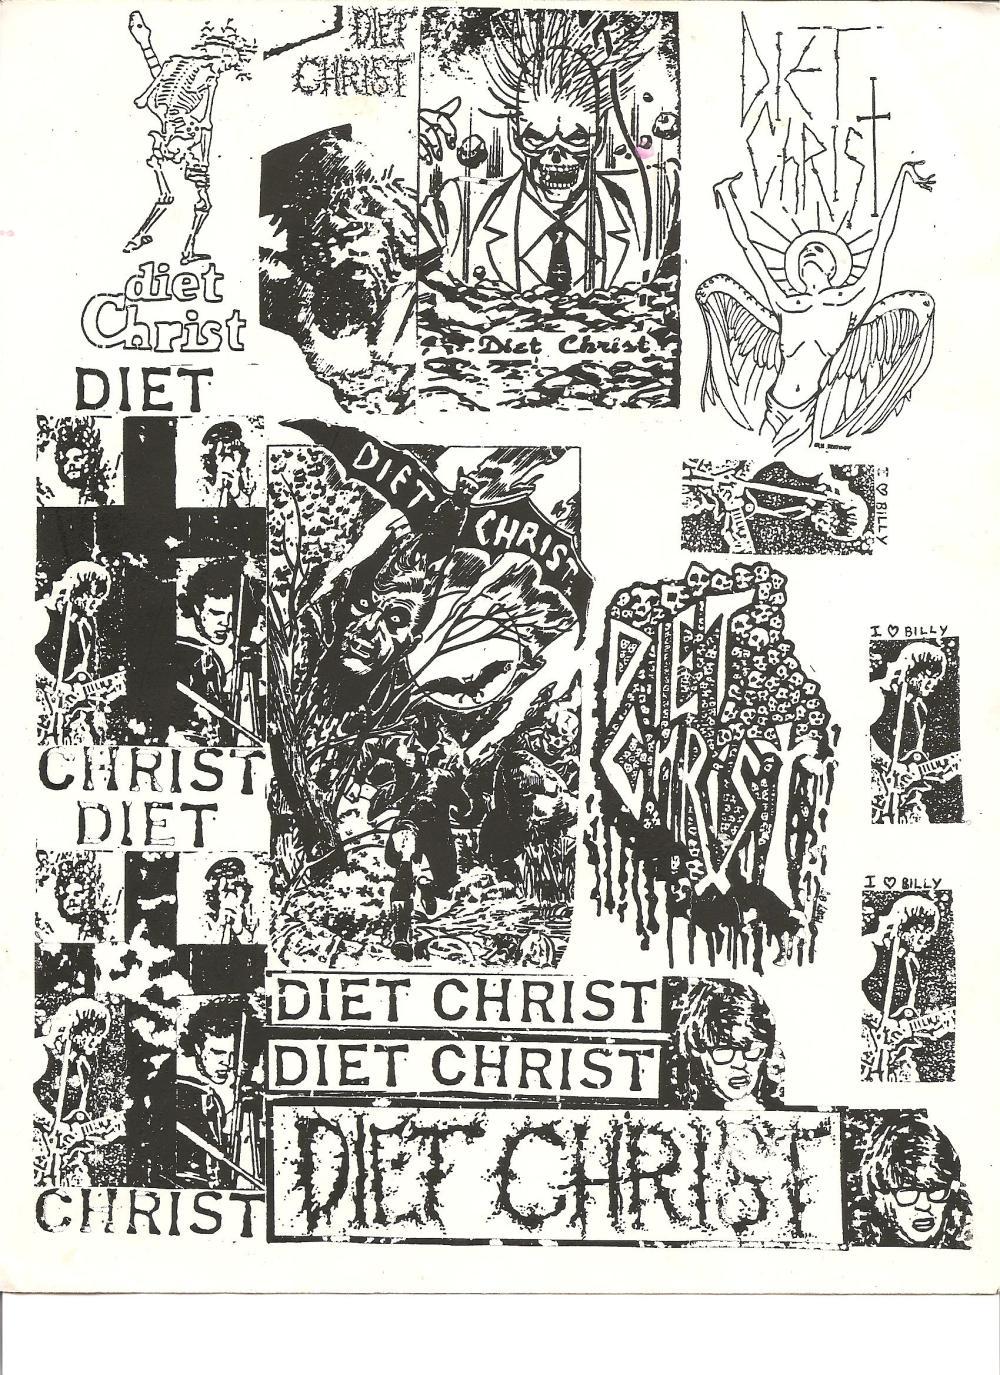 DietChristStix